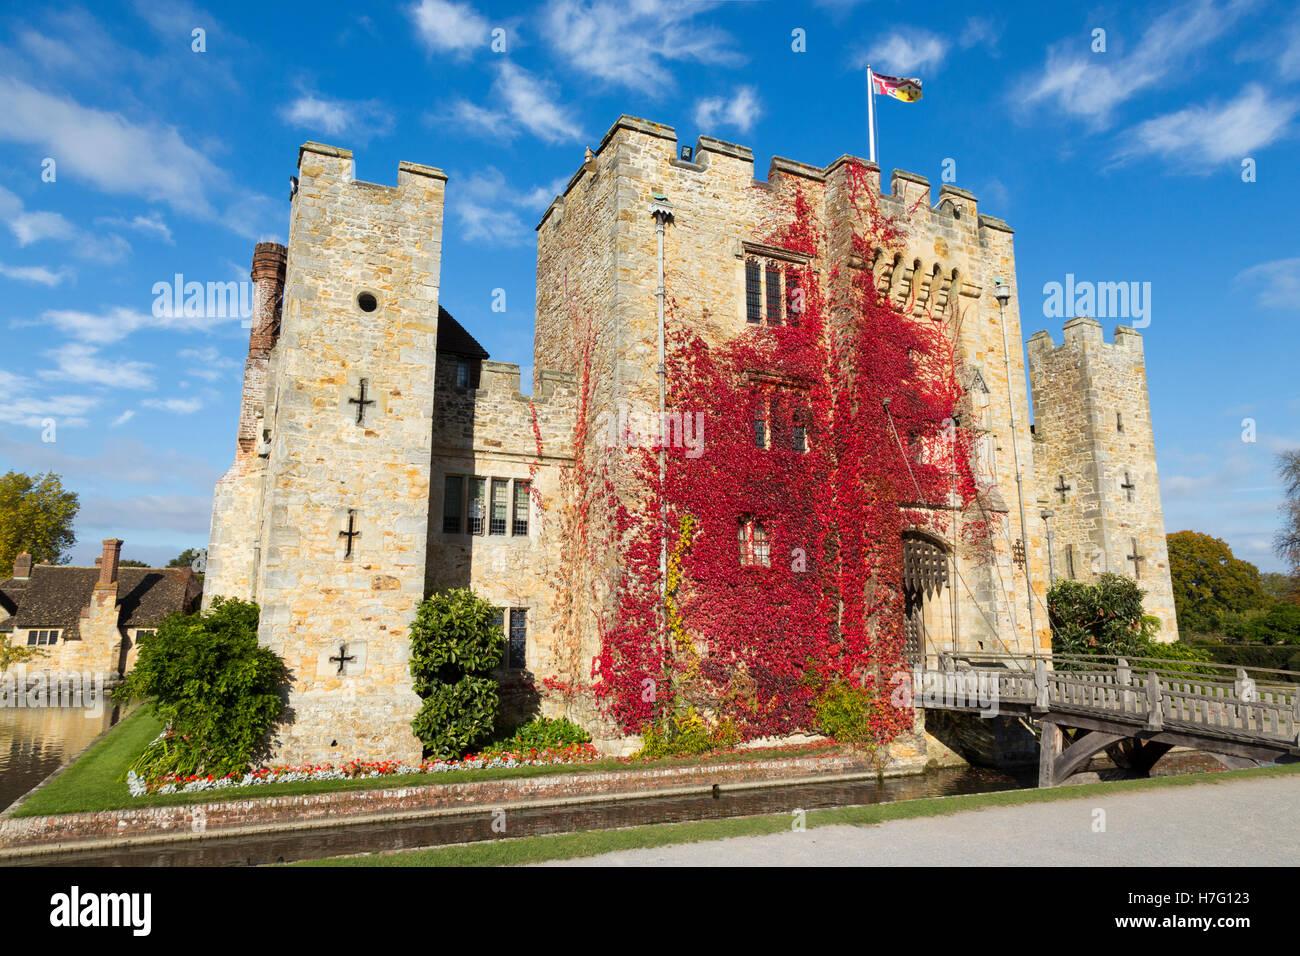 El castillo de Hever revestidos con el Rojo otoñal reductor: Virginia Blue Sky / cielo soleado / Sun & Imagen De Stock